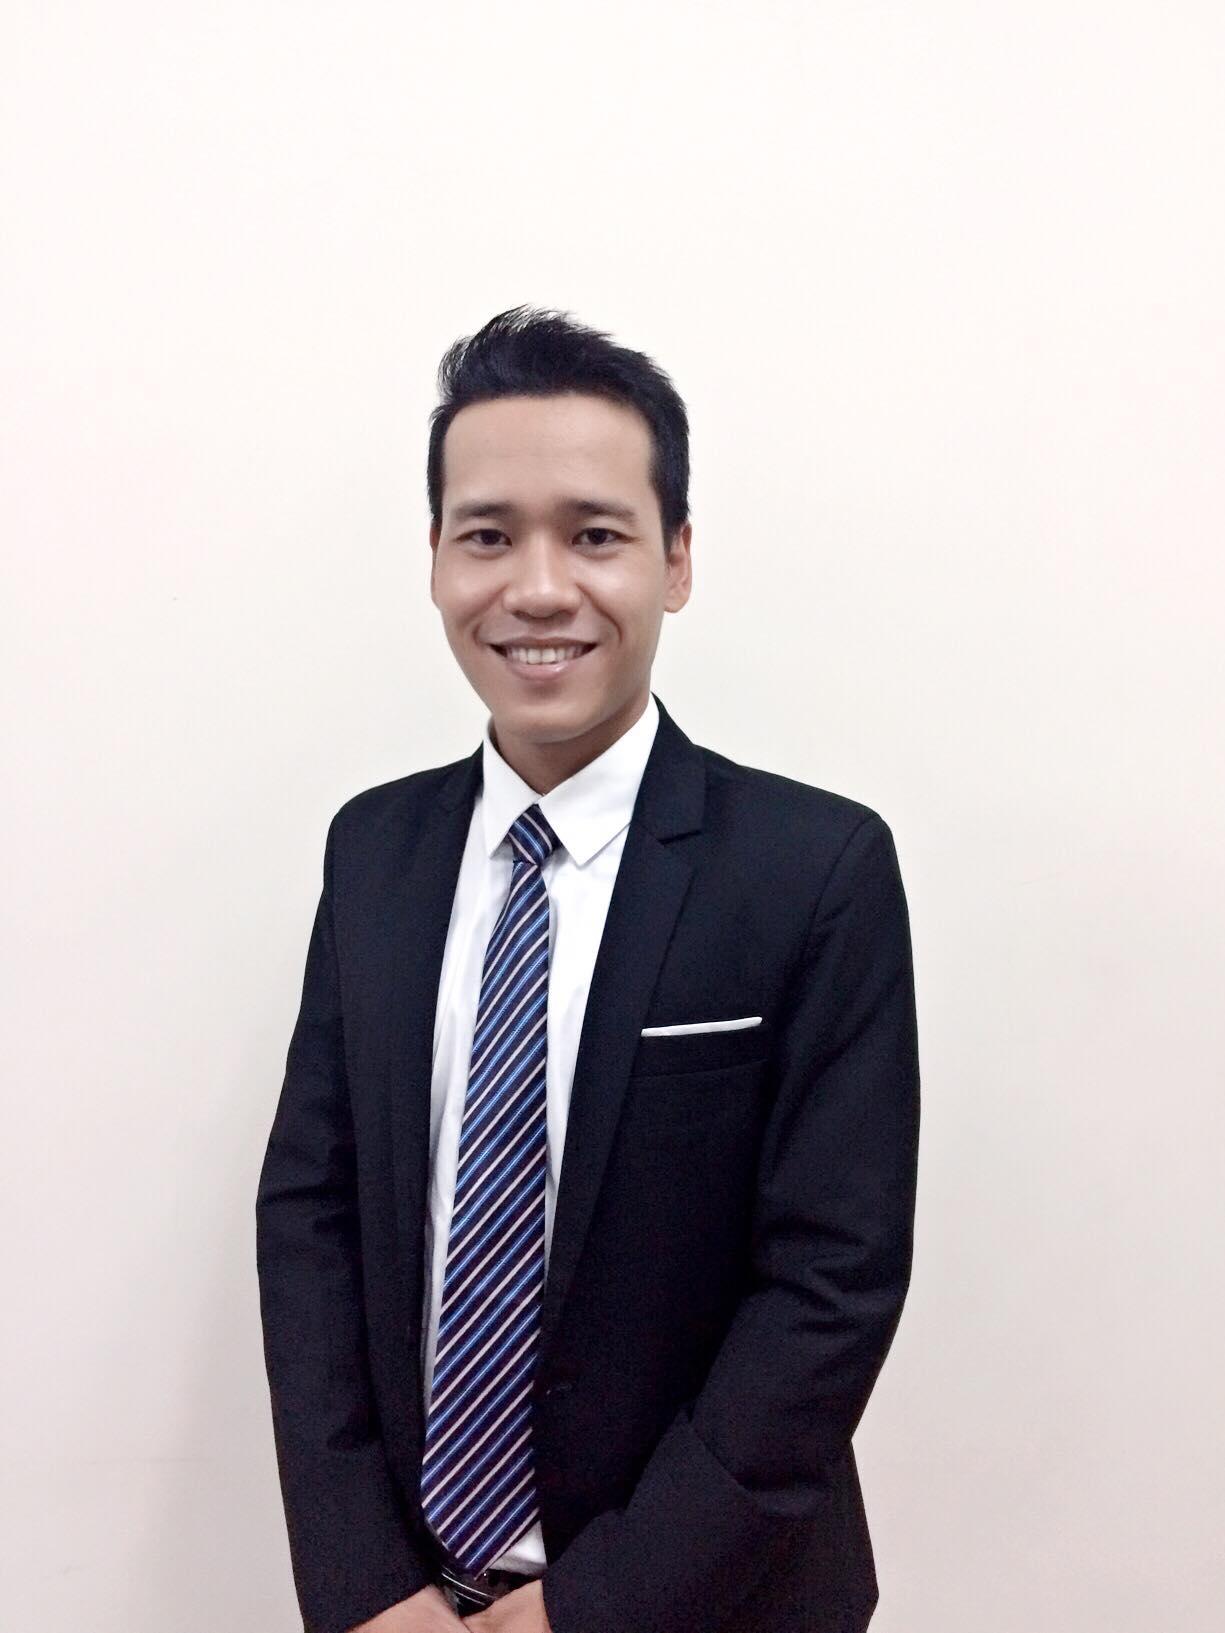 Ông Trần Thế Minh - CEO CTY CP CPMOANA